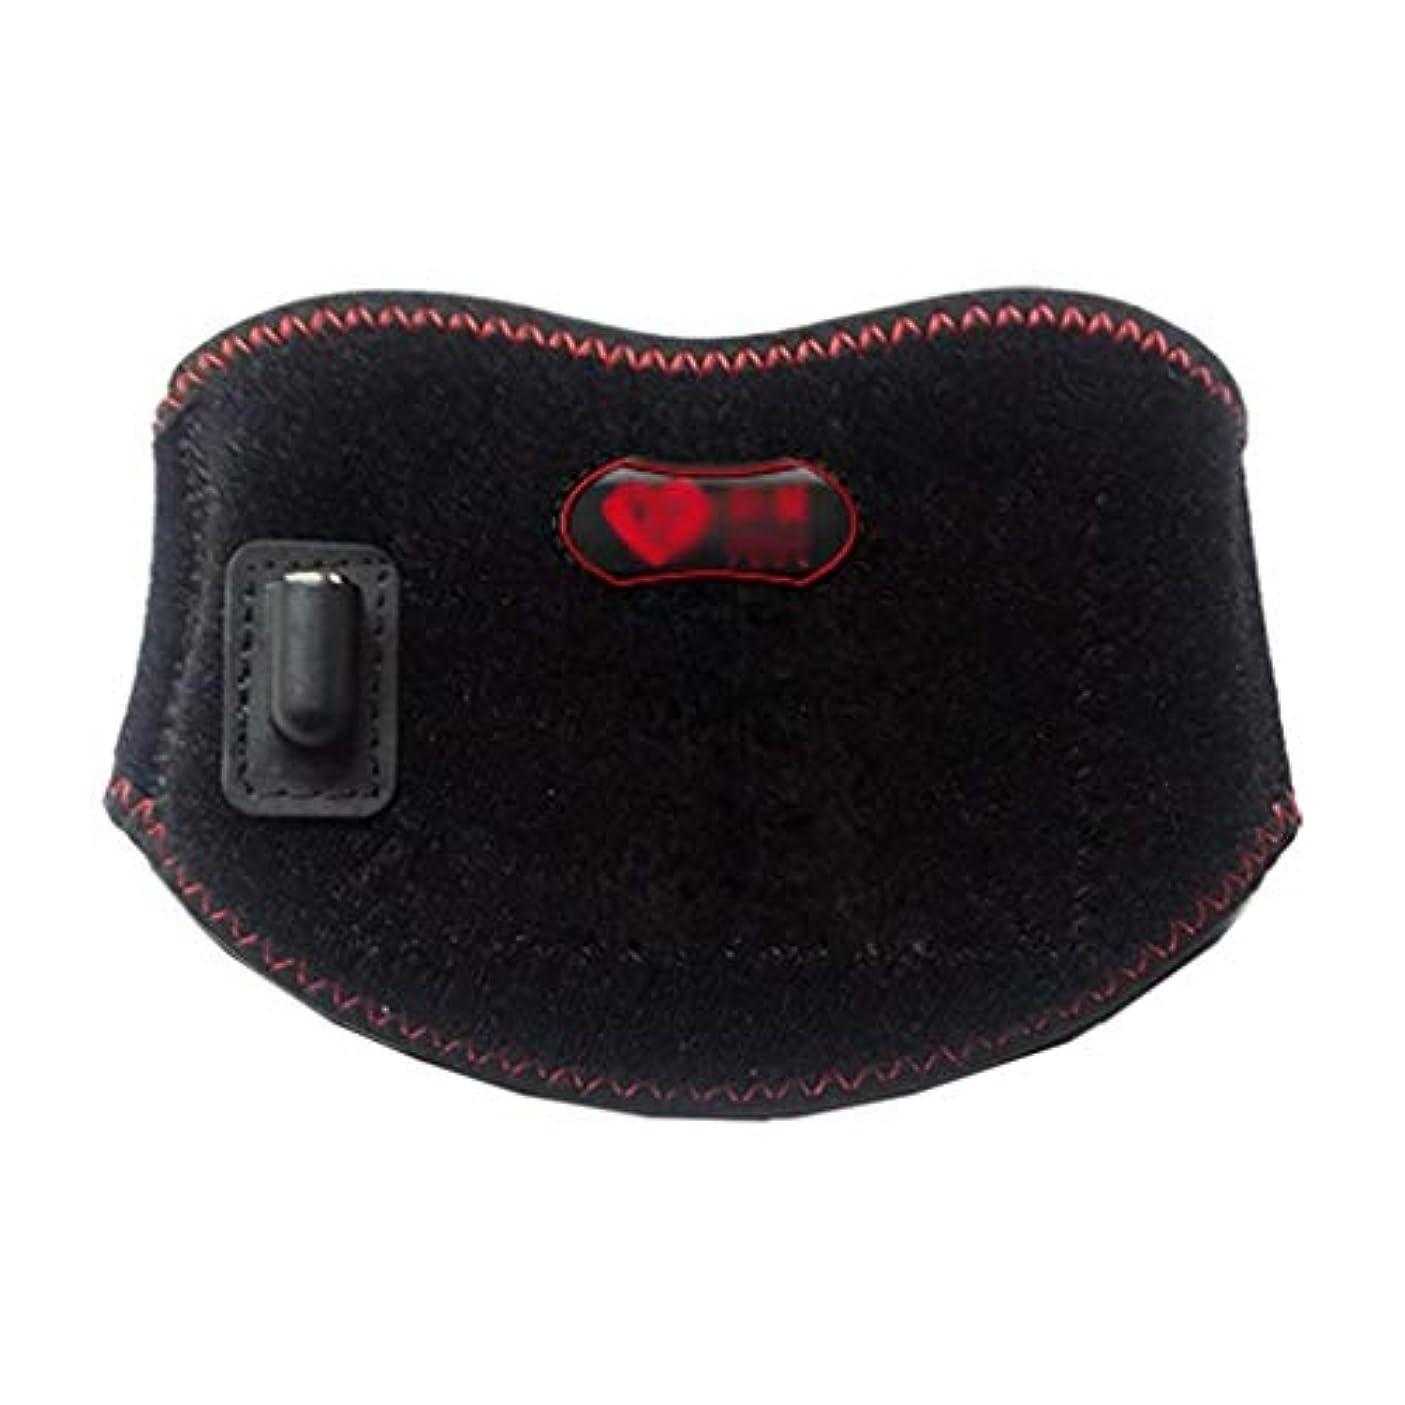 縫い目私たち自身批評電動ネックマッサージ、温熱首温ラップ/加熱、肩指圧マッサージ/筋肉の弛緩/血圧循環の促進、仕事の動きに適しています